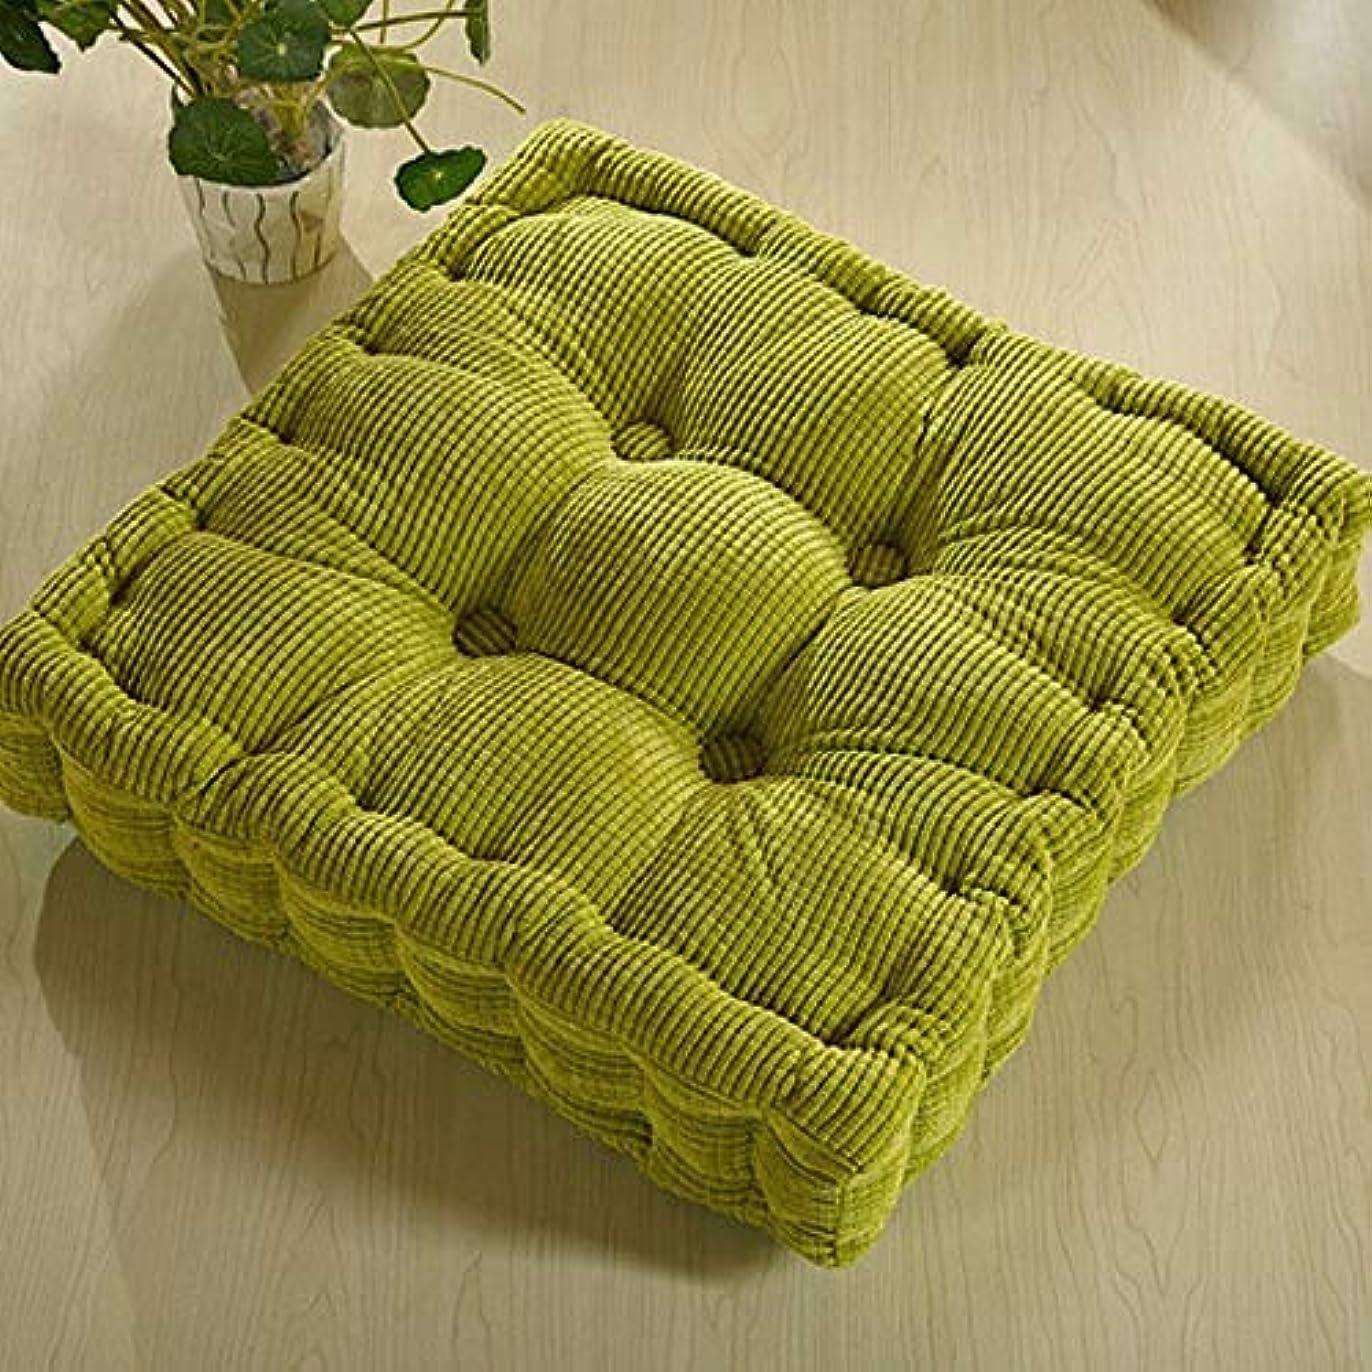 いちゃつくクリップ蝶ふりをするLIFE 肥厚トウモロコシの穂軸畳クッションオフィスチェアクッションソファクッション生地チェアクッションカーシートクッション クッション 椅子